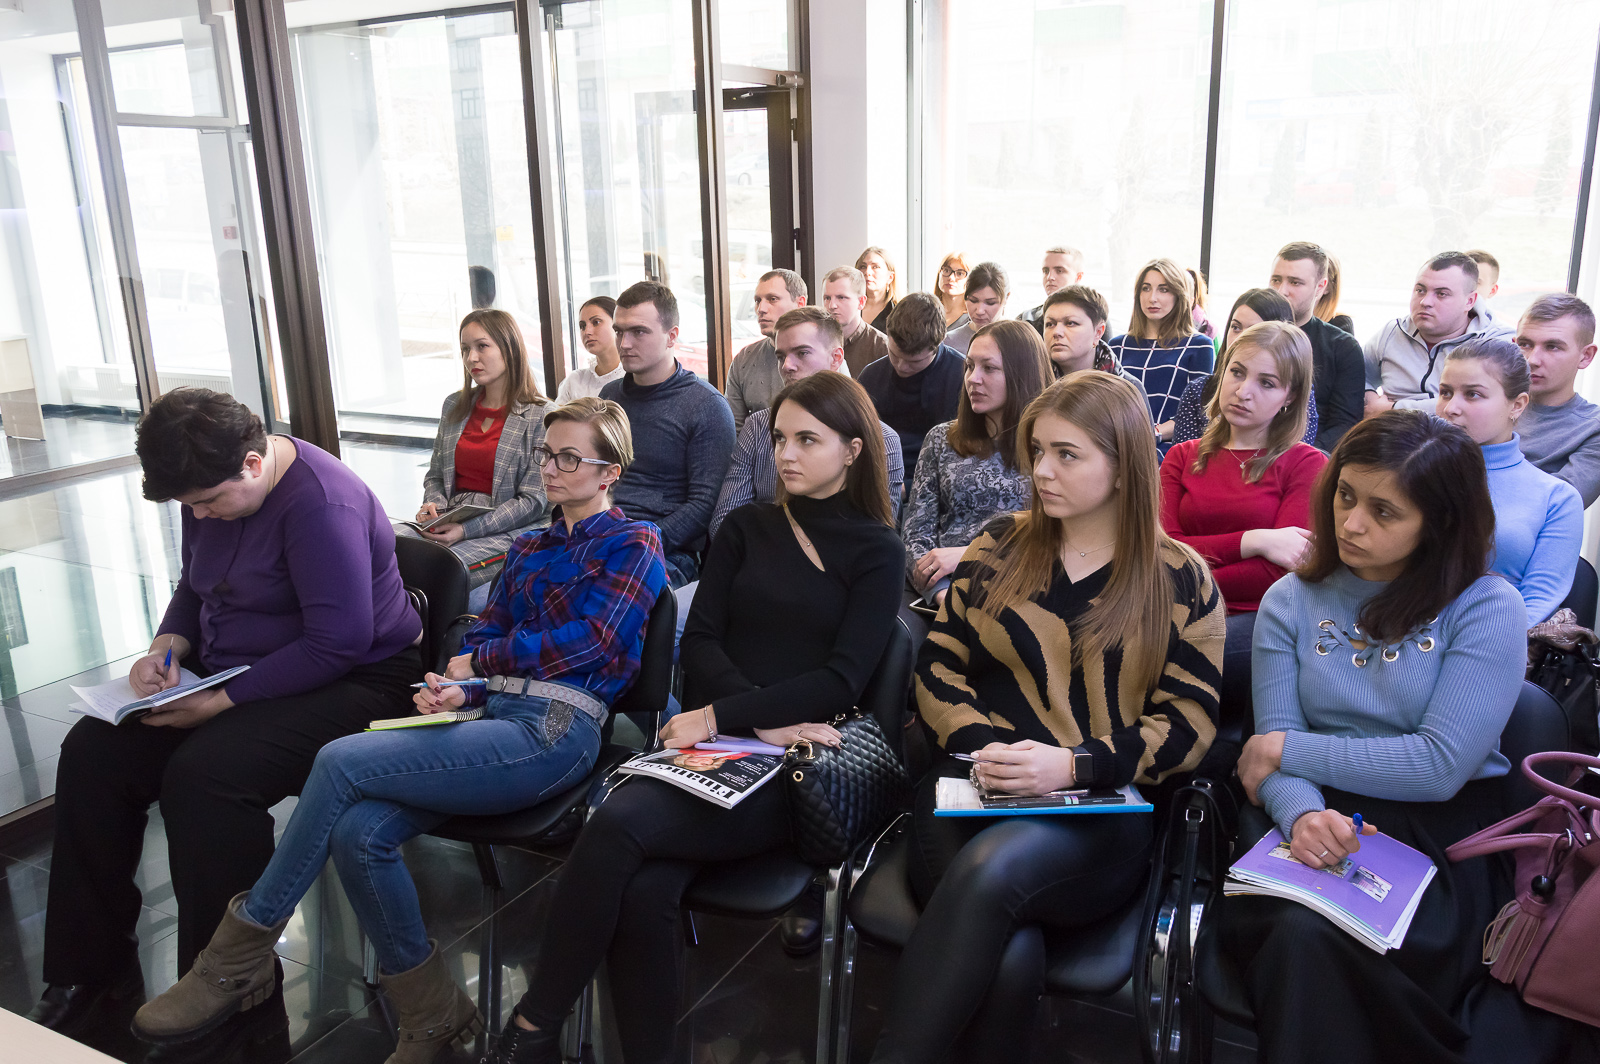 """Лекцию """"Финансовые рынки и основы биржевых технологий"""" в Черновцах посетили студенты и преподаватели МАУП - 5 фото"""